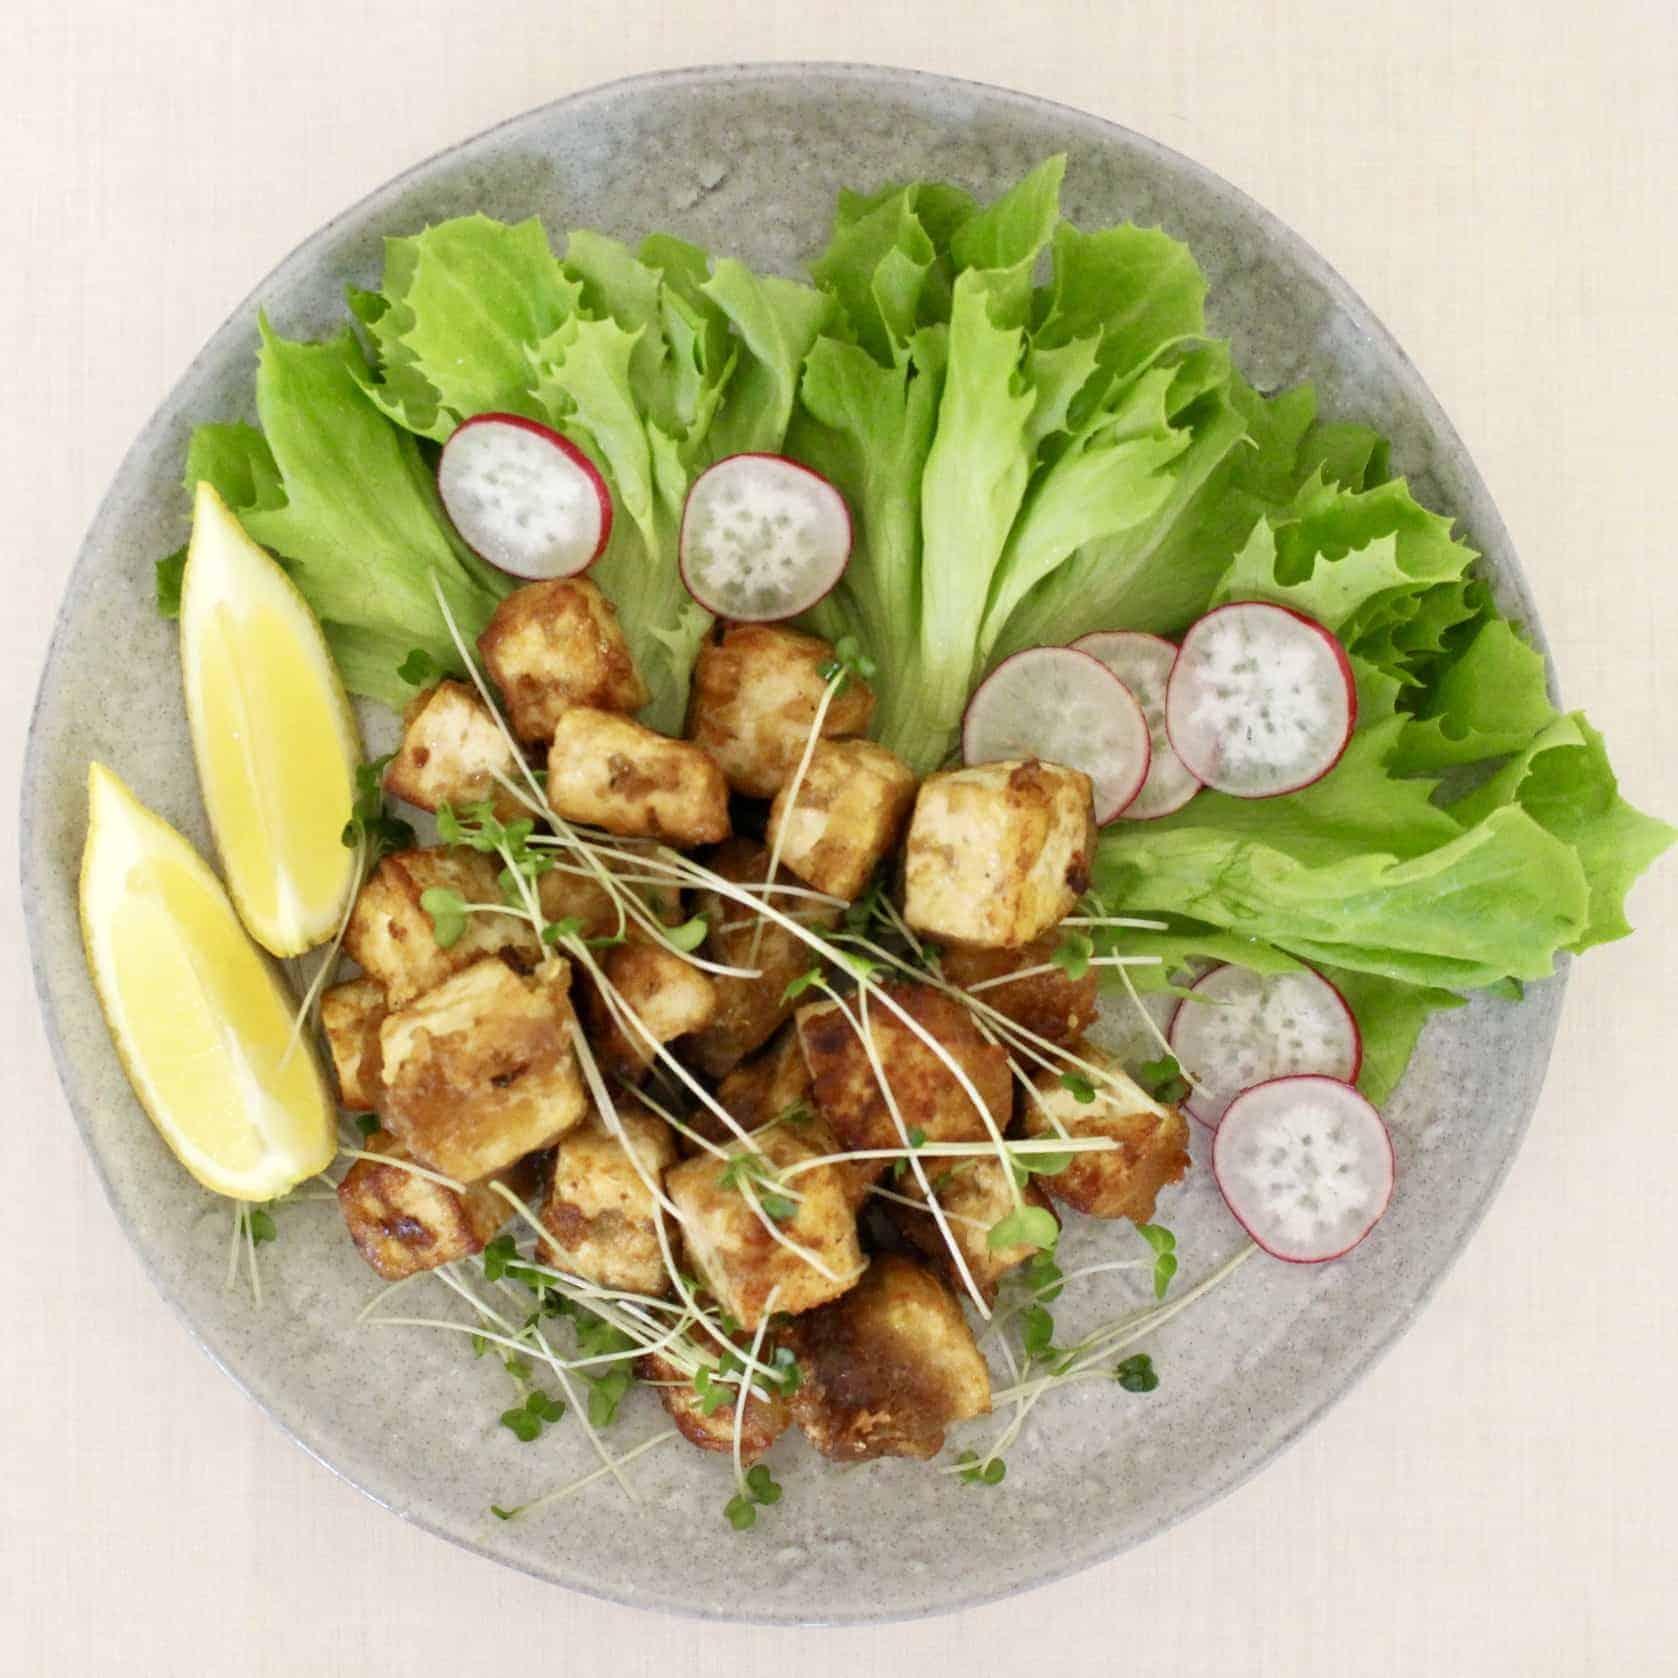 Vegan Fried Chicken (Gluten-Free)